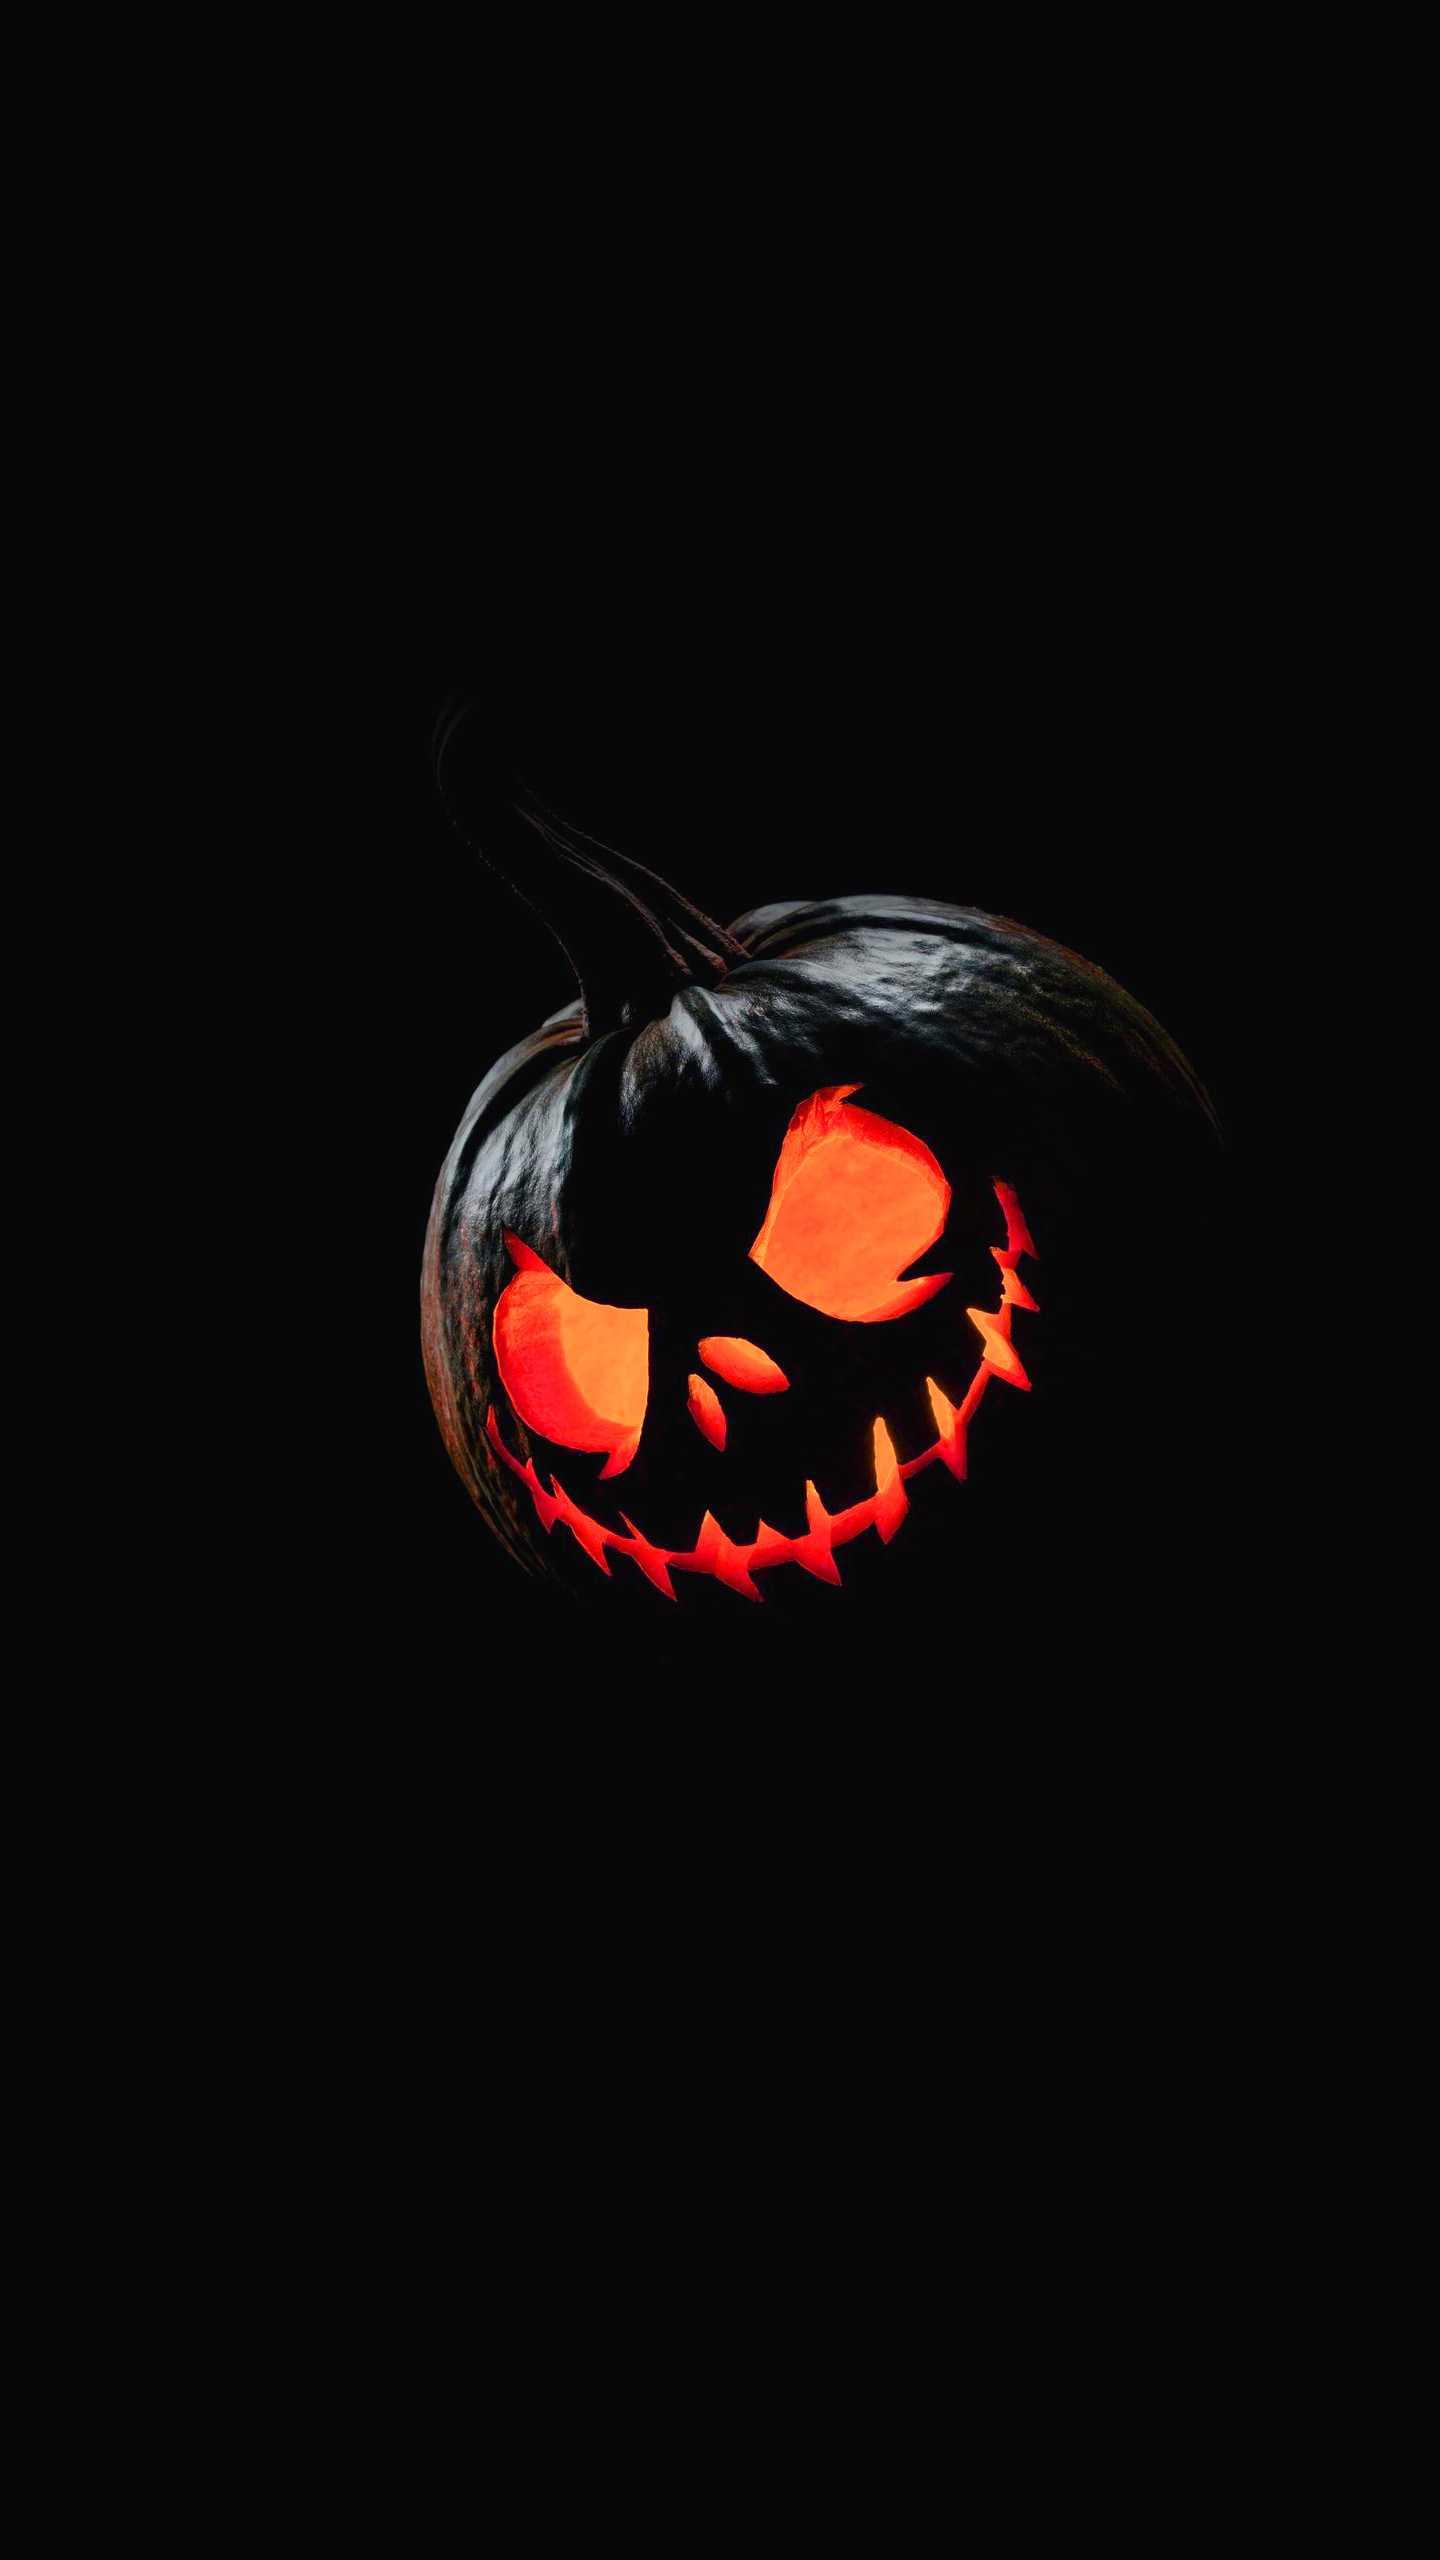 Halloween Wallpapers - iXpap